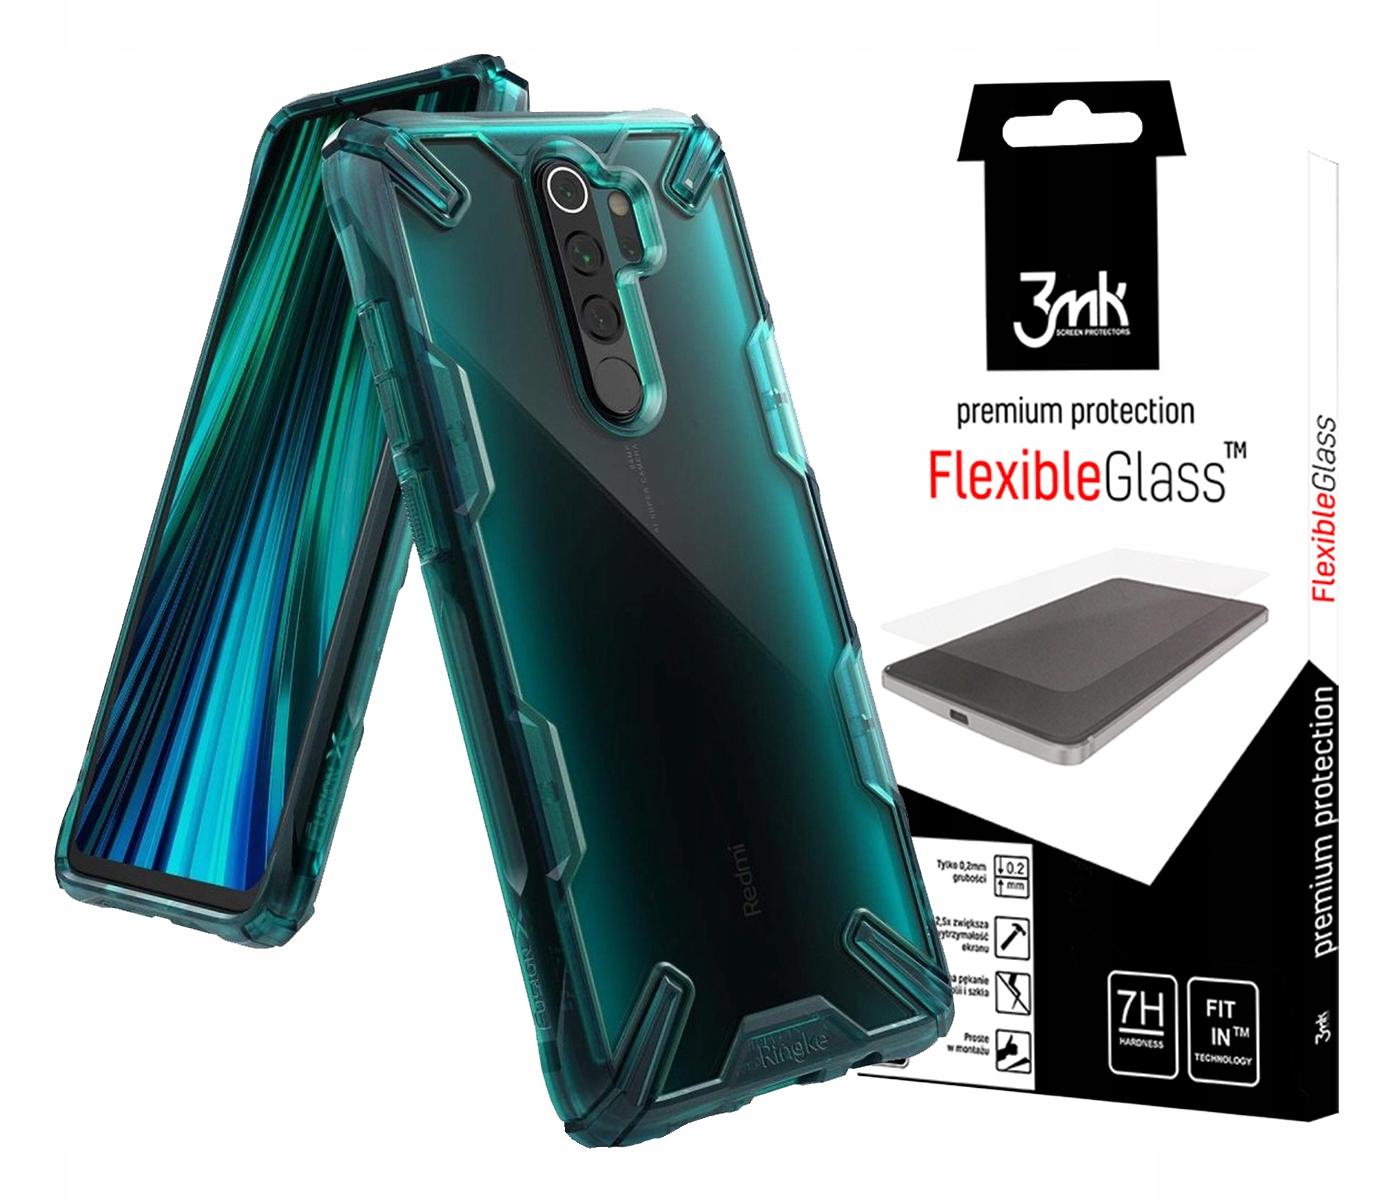 Ringke Fx Szkło Do Redmi Note 8 Pro + Szkło 3MK Fg